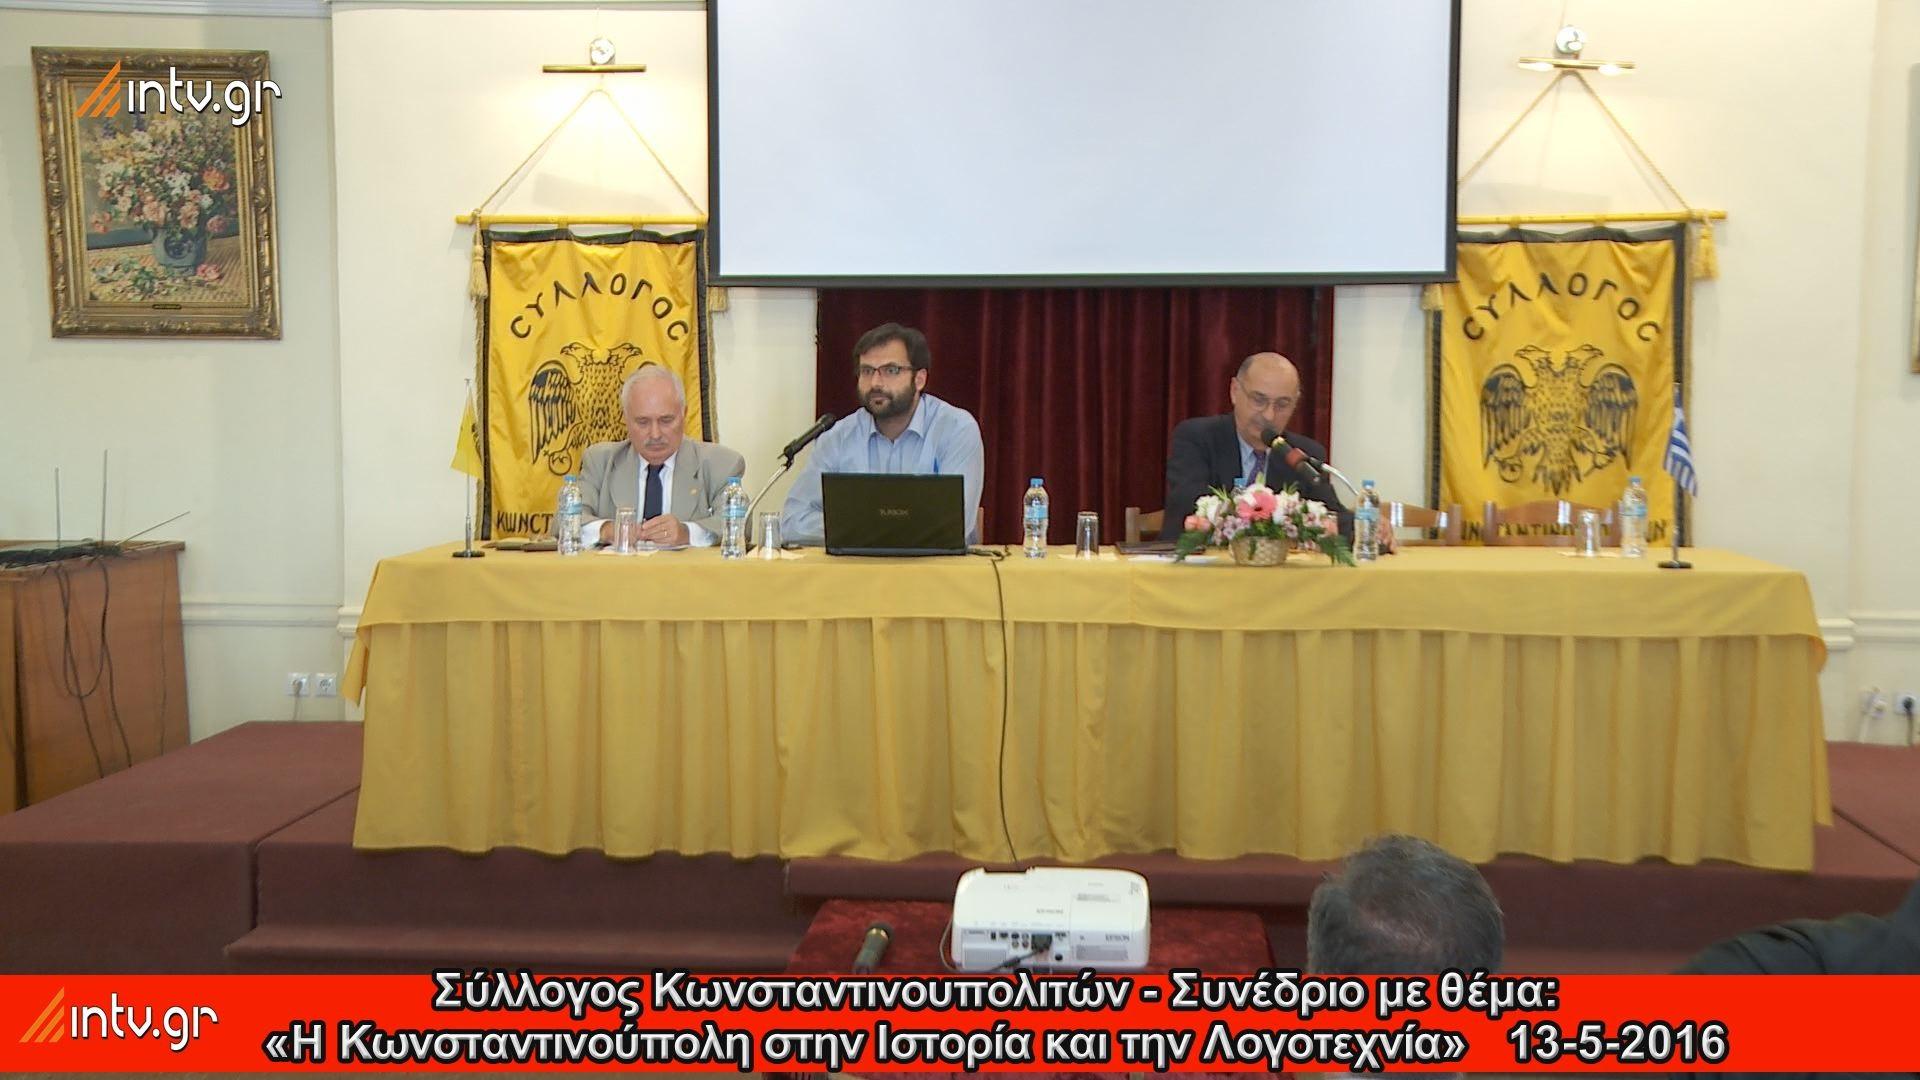 Σύλλογος Κωνσταντινουπολιτών - Συνέδριο με θέμα: «Η Κωνσταντινούπολη στην Ιστορία και την Λογοτεχνία»